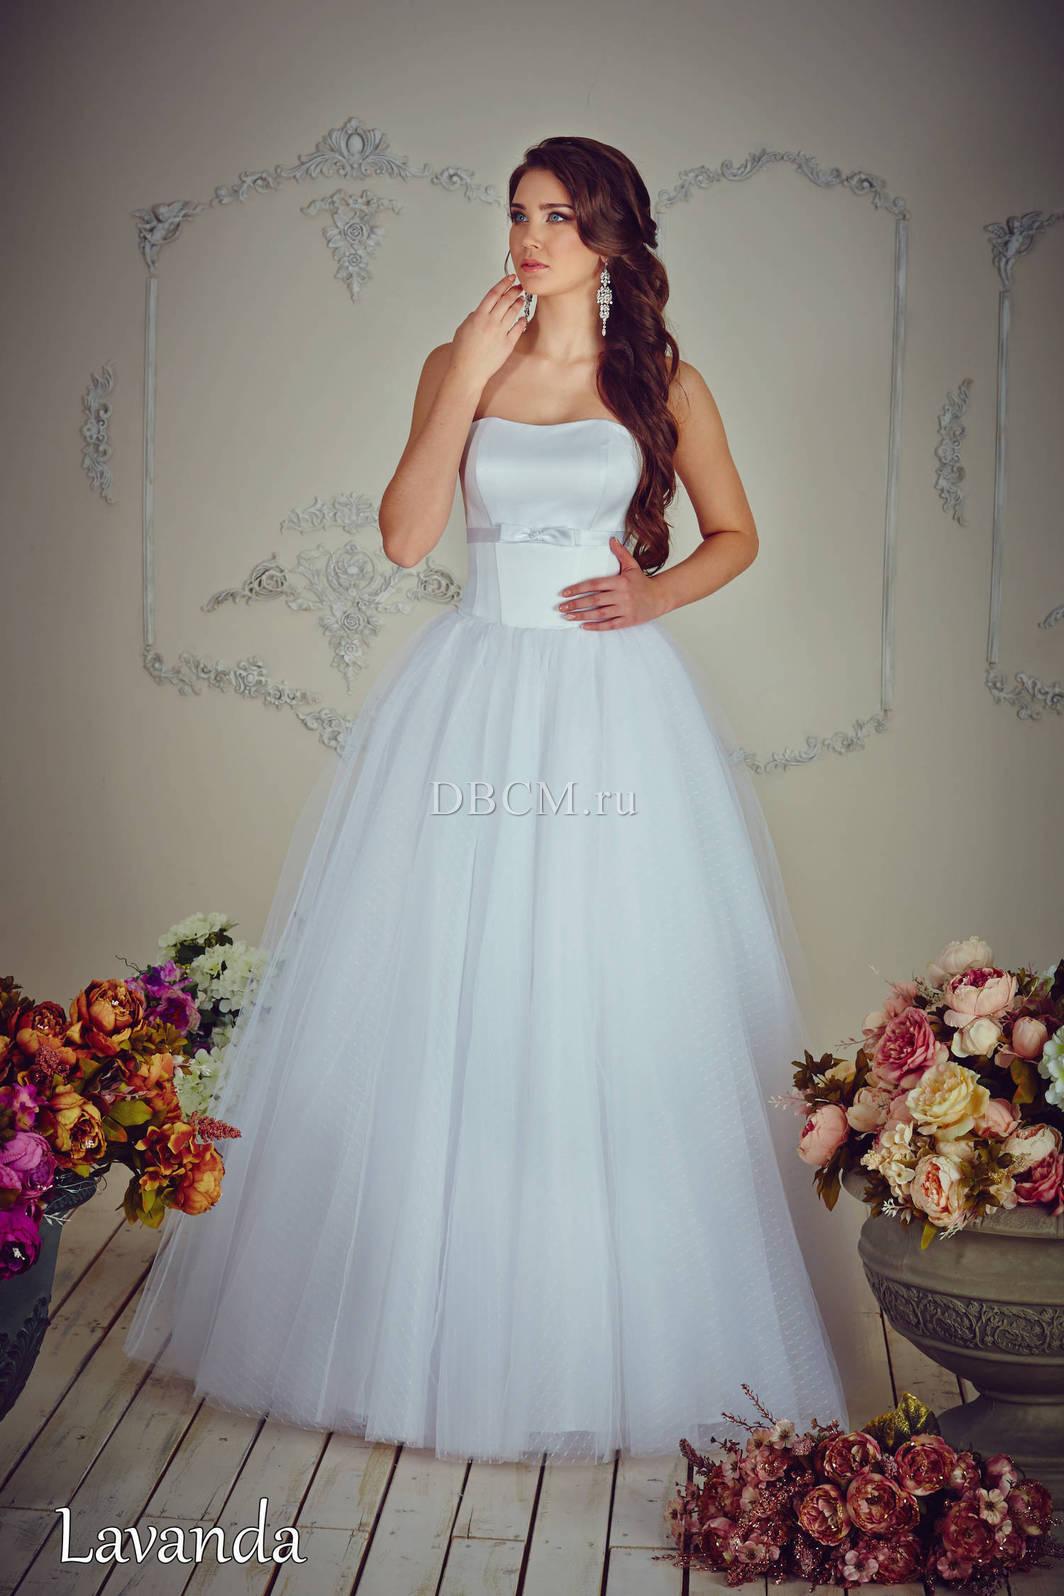 Свадебные Платья Lavandula